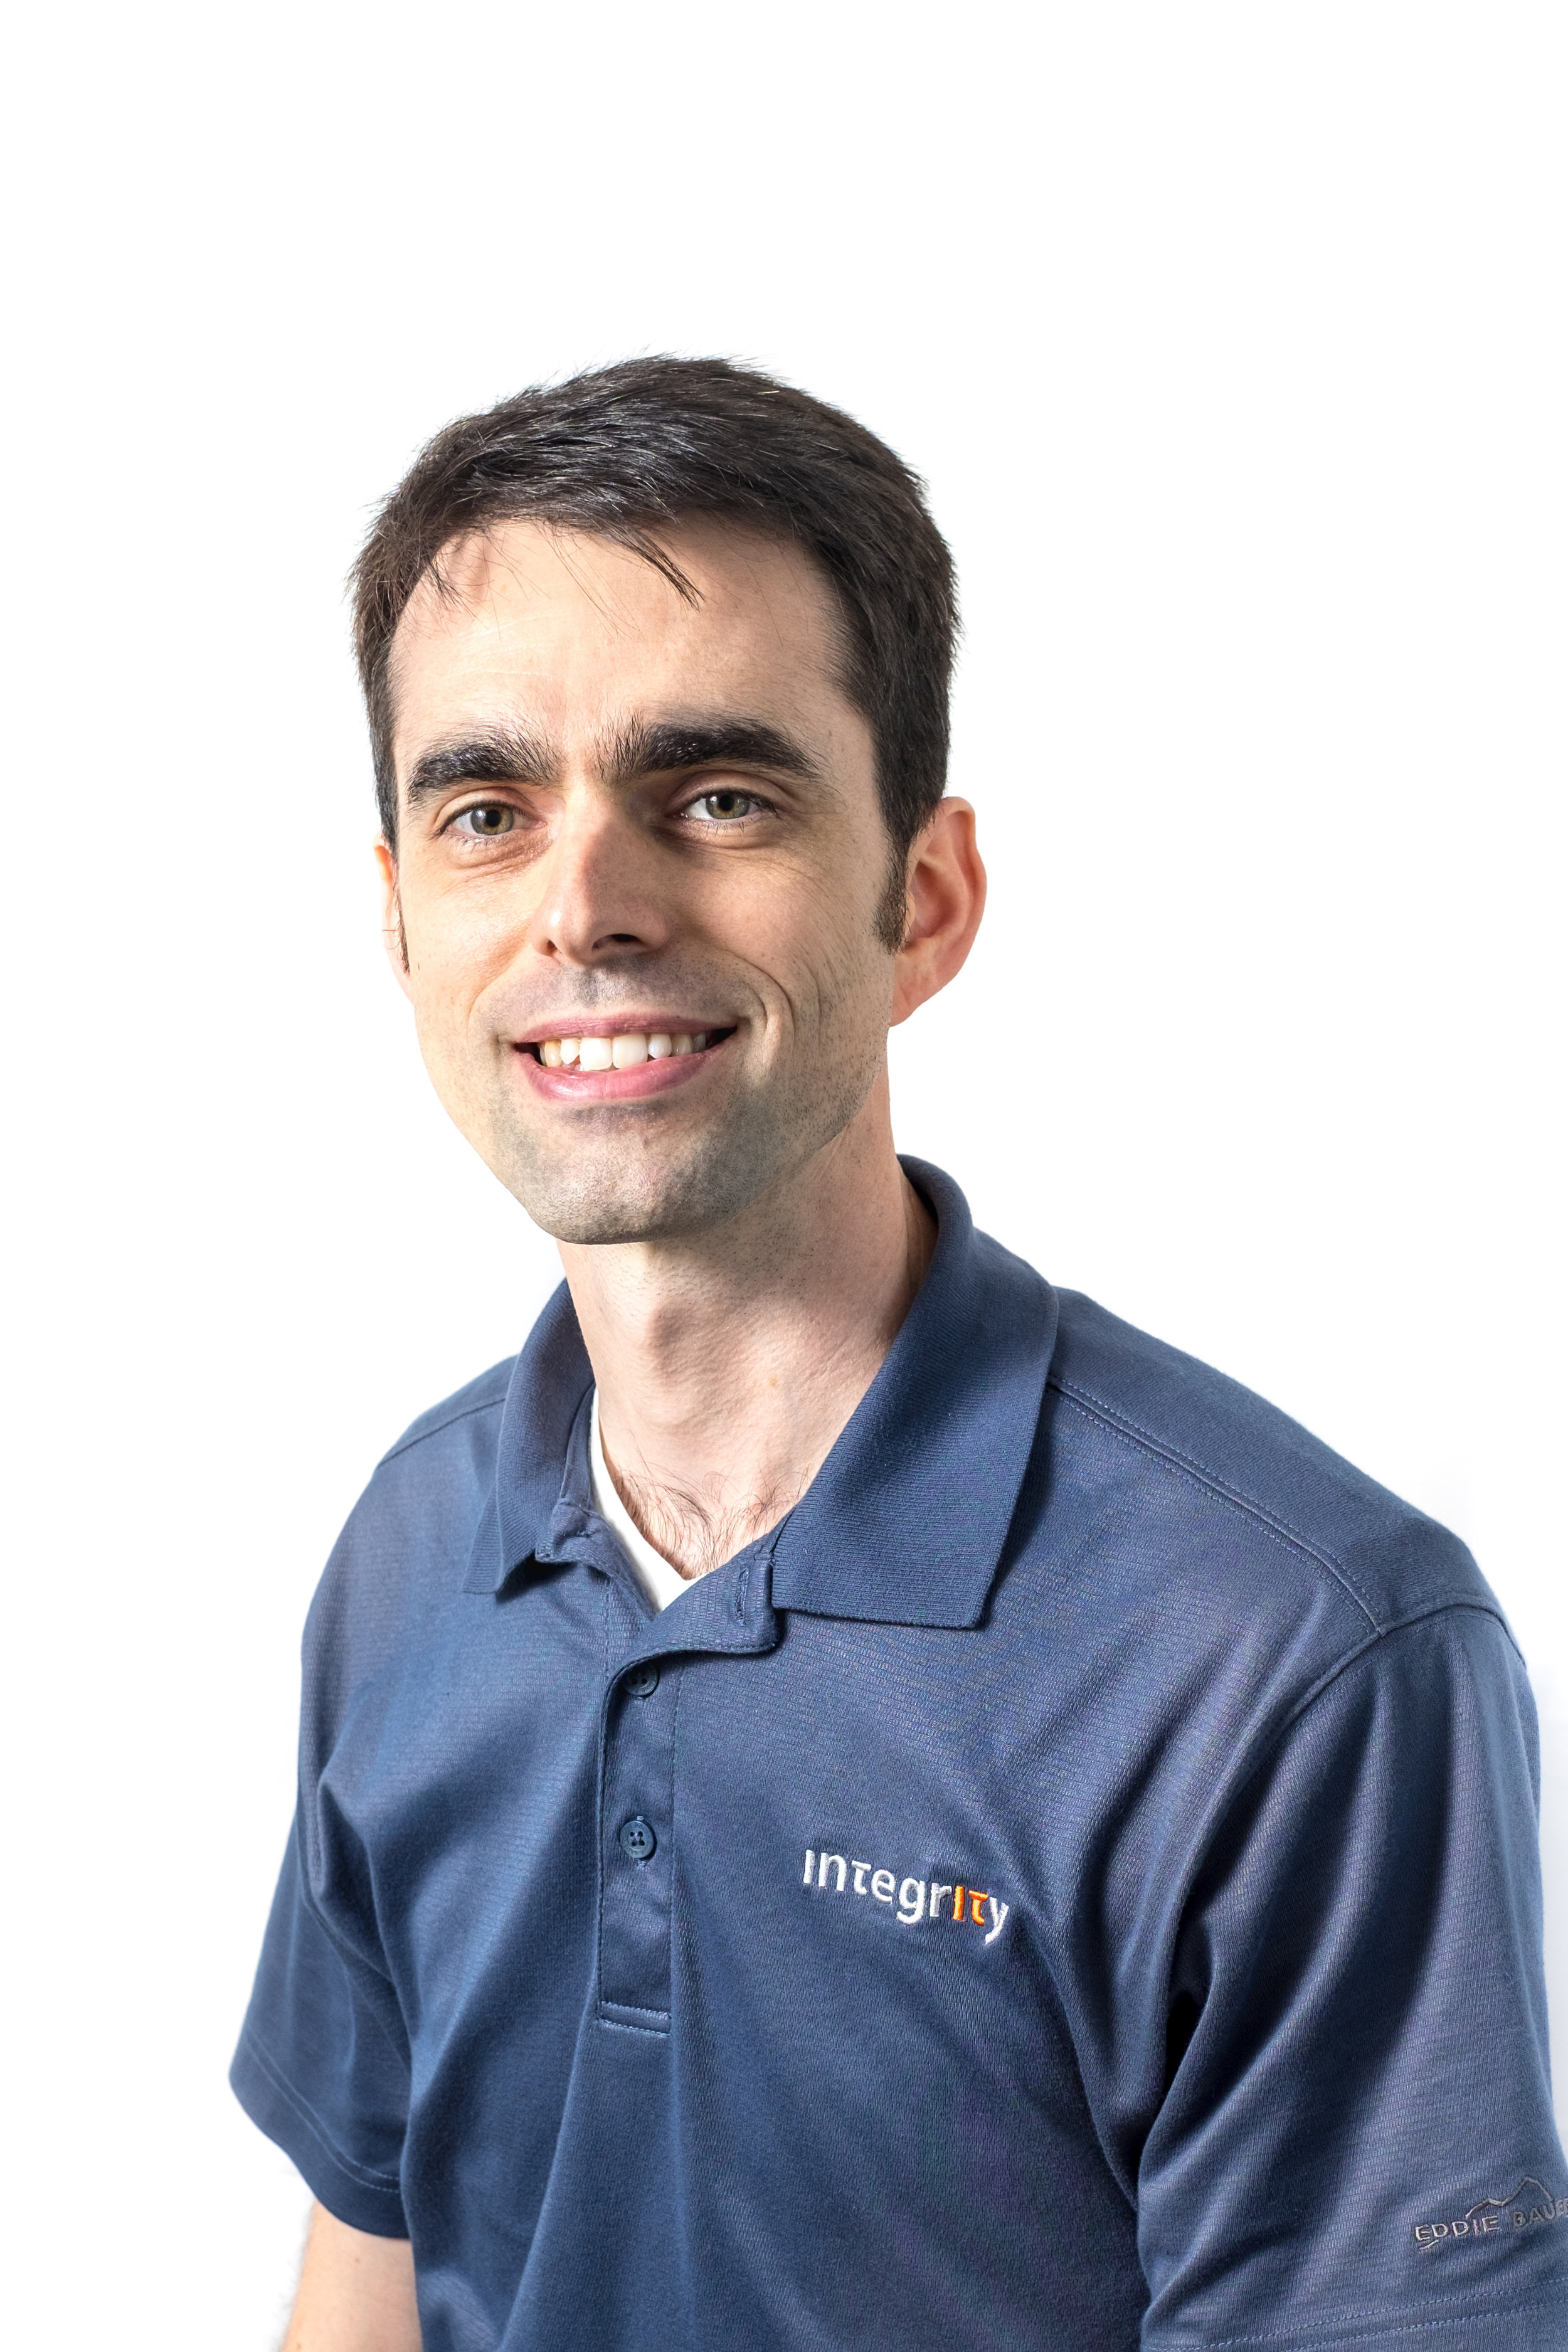 Luke Popejoy - Presidentluke@icisupport.com